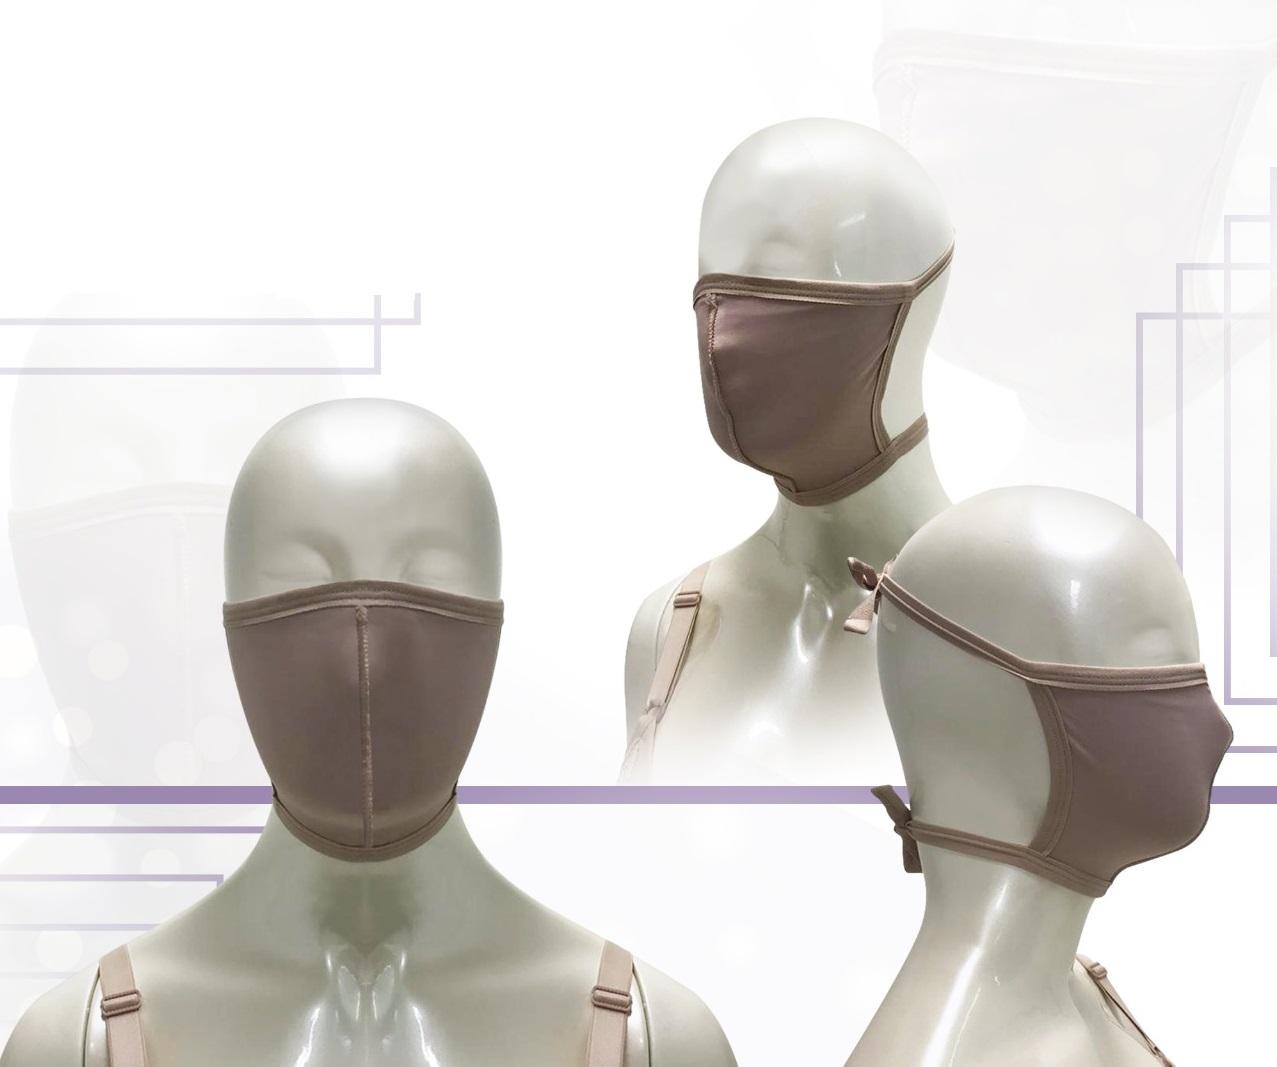 máscaras higiênica